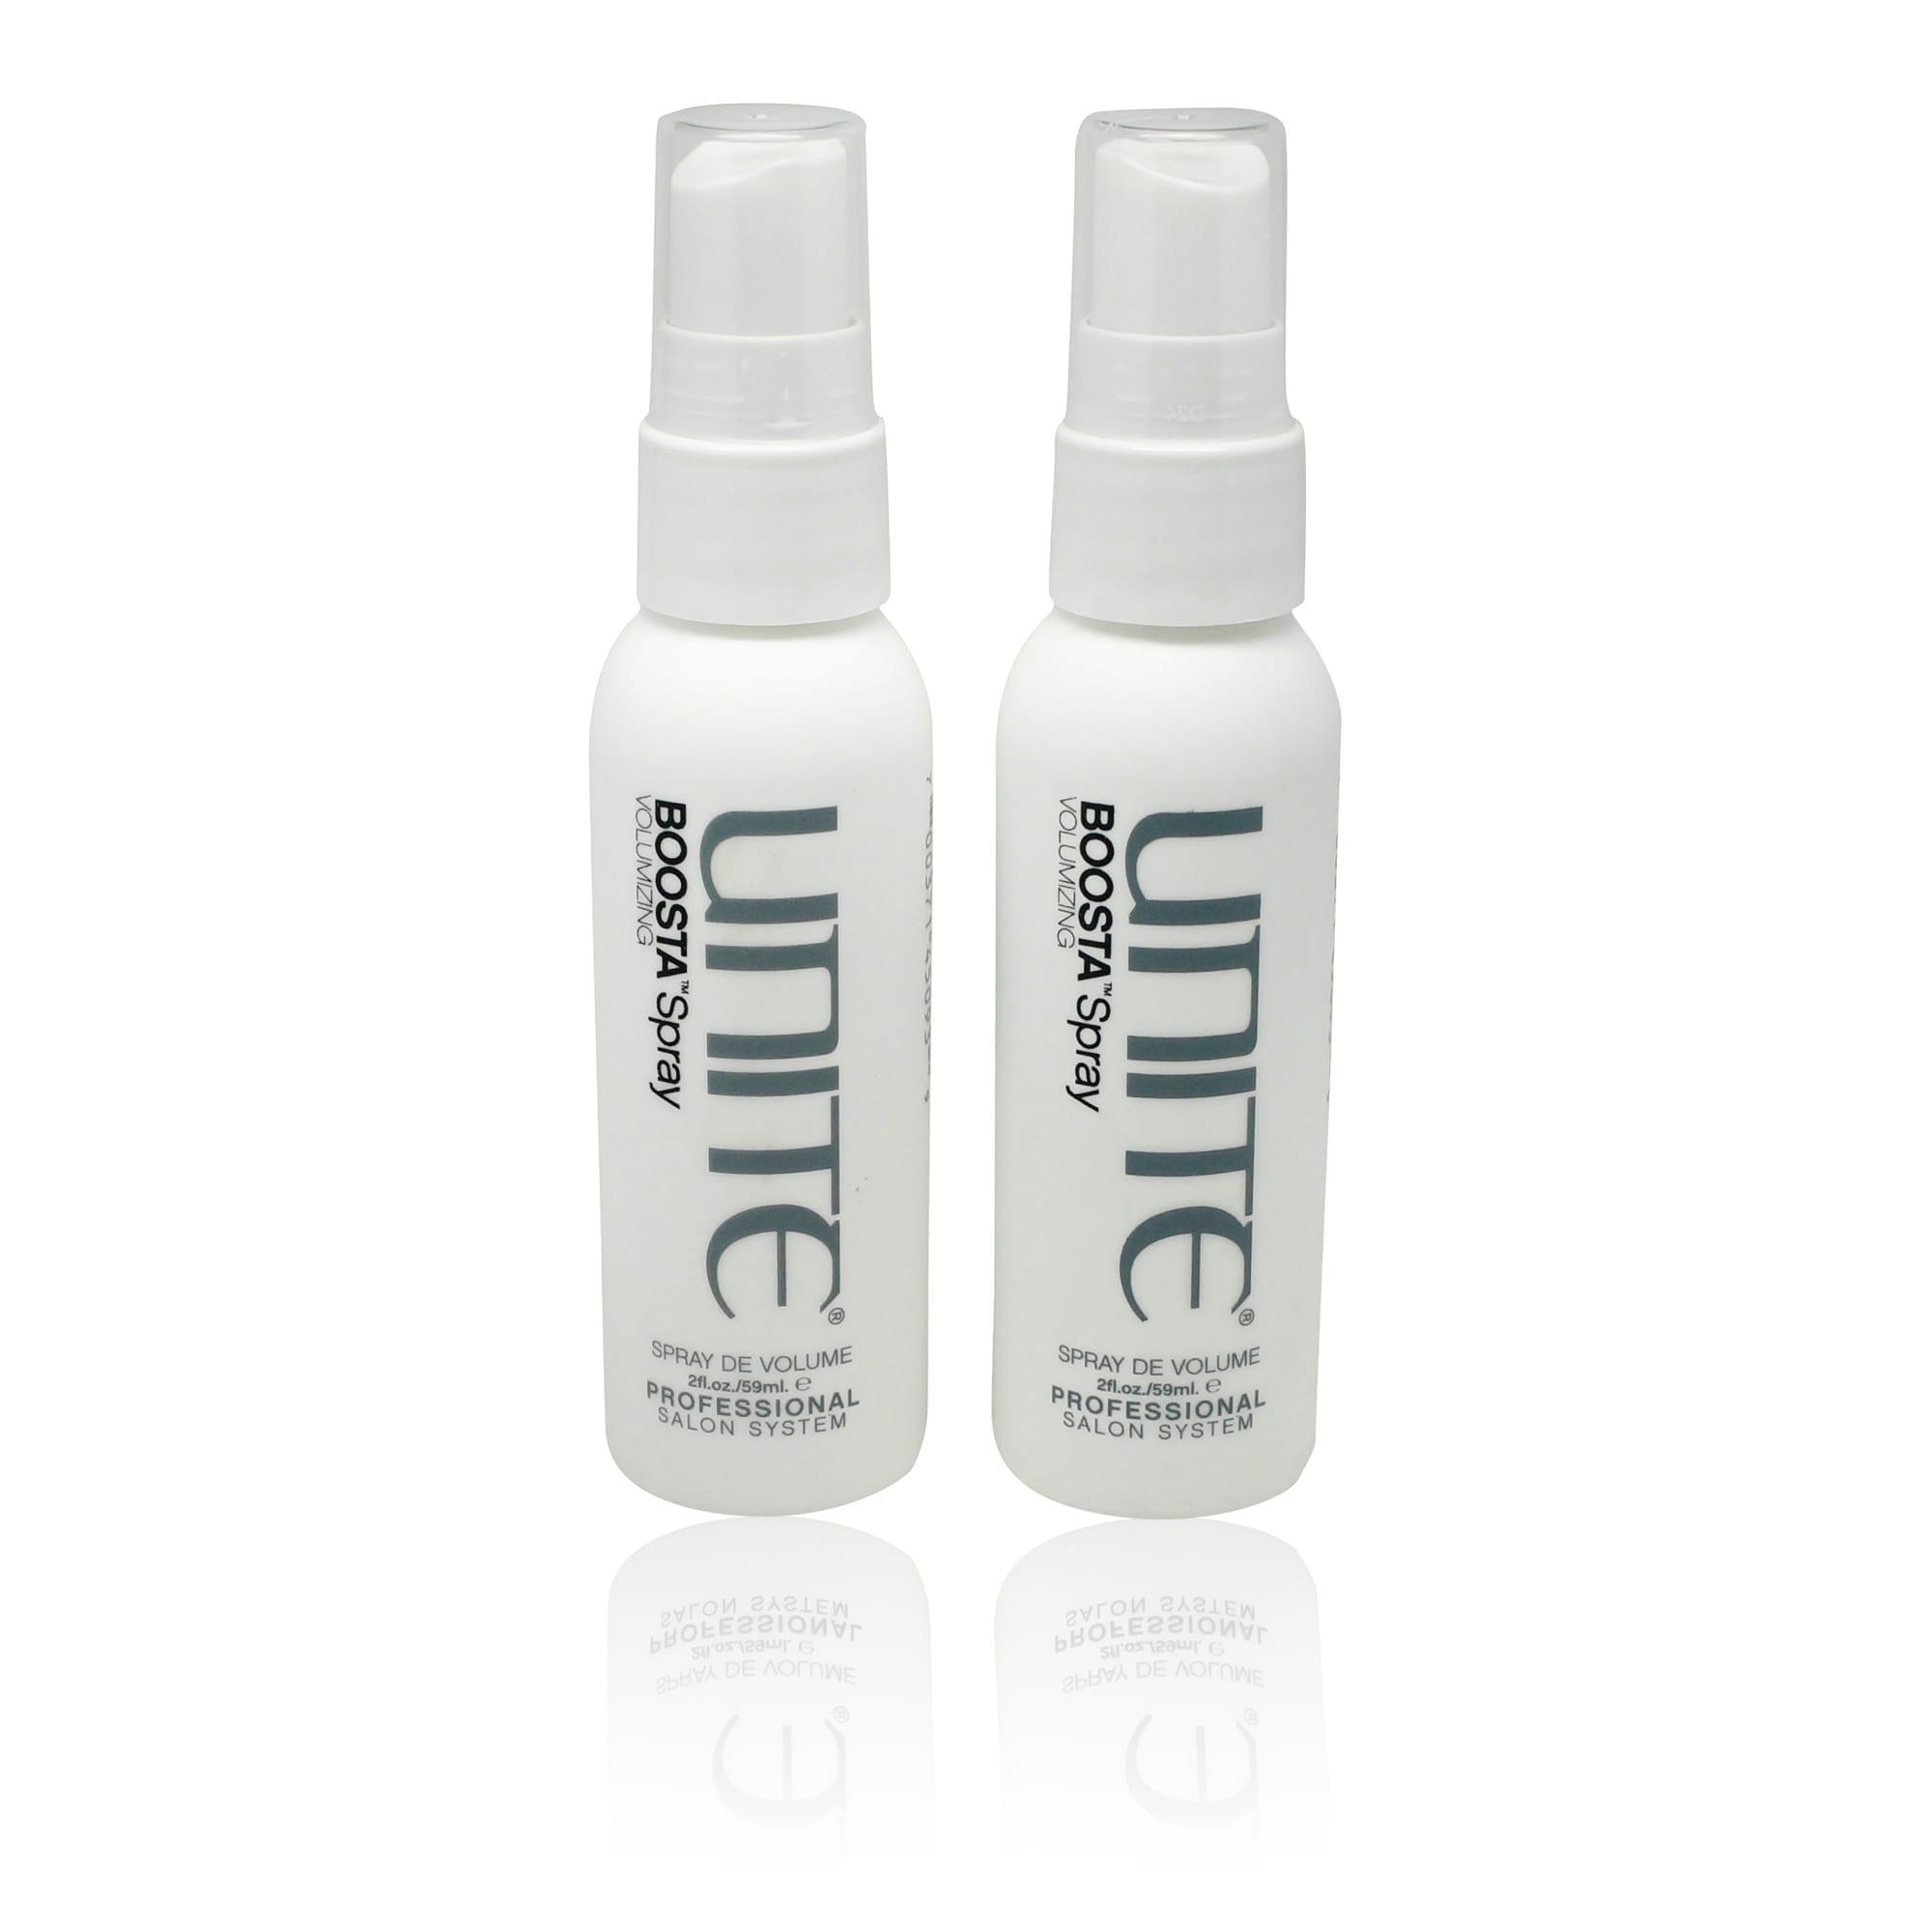 Use UNITE Boosta Spray Volumizing Spray